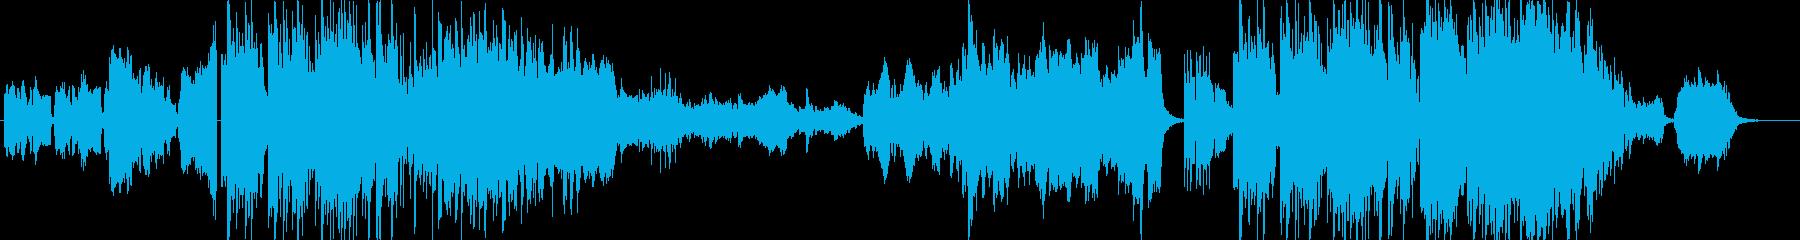 CM】穏やかな和風情緒を感じる尺八曲の再生済みの波形